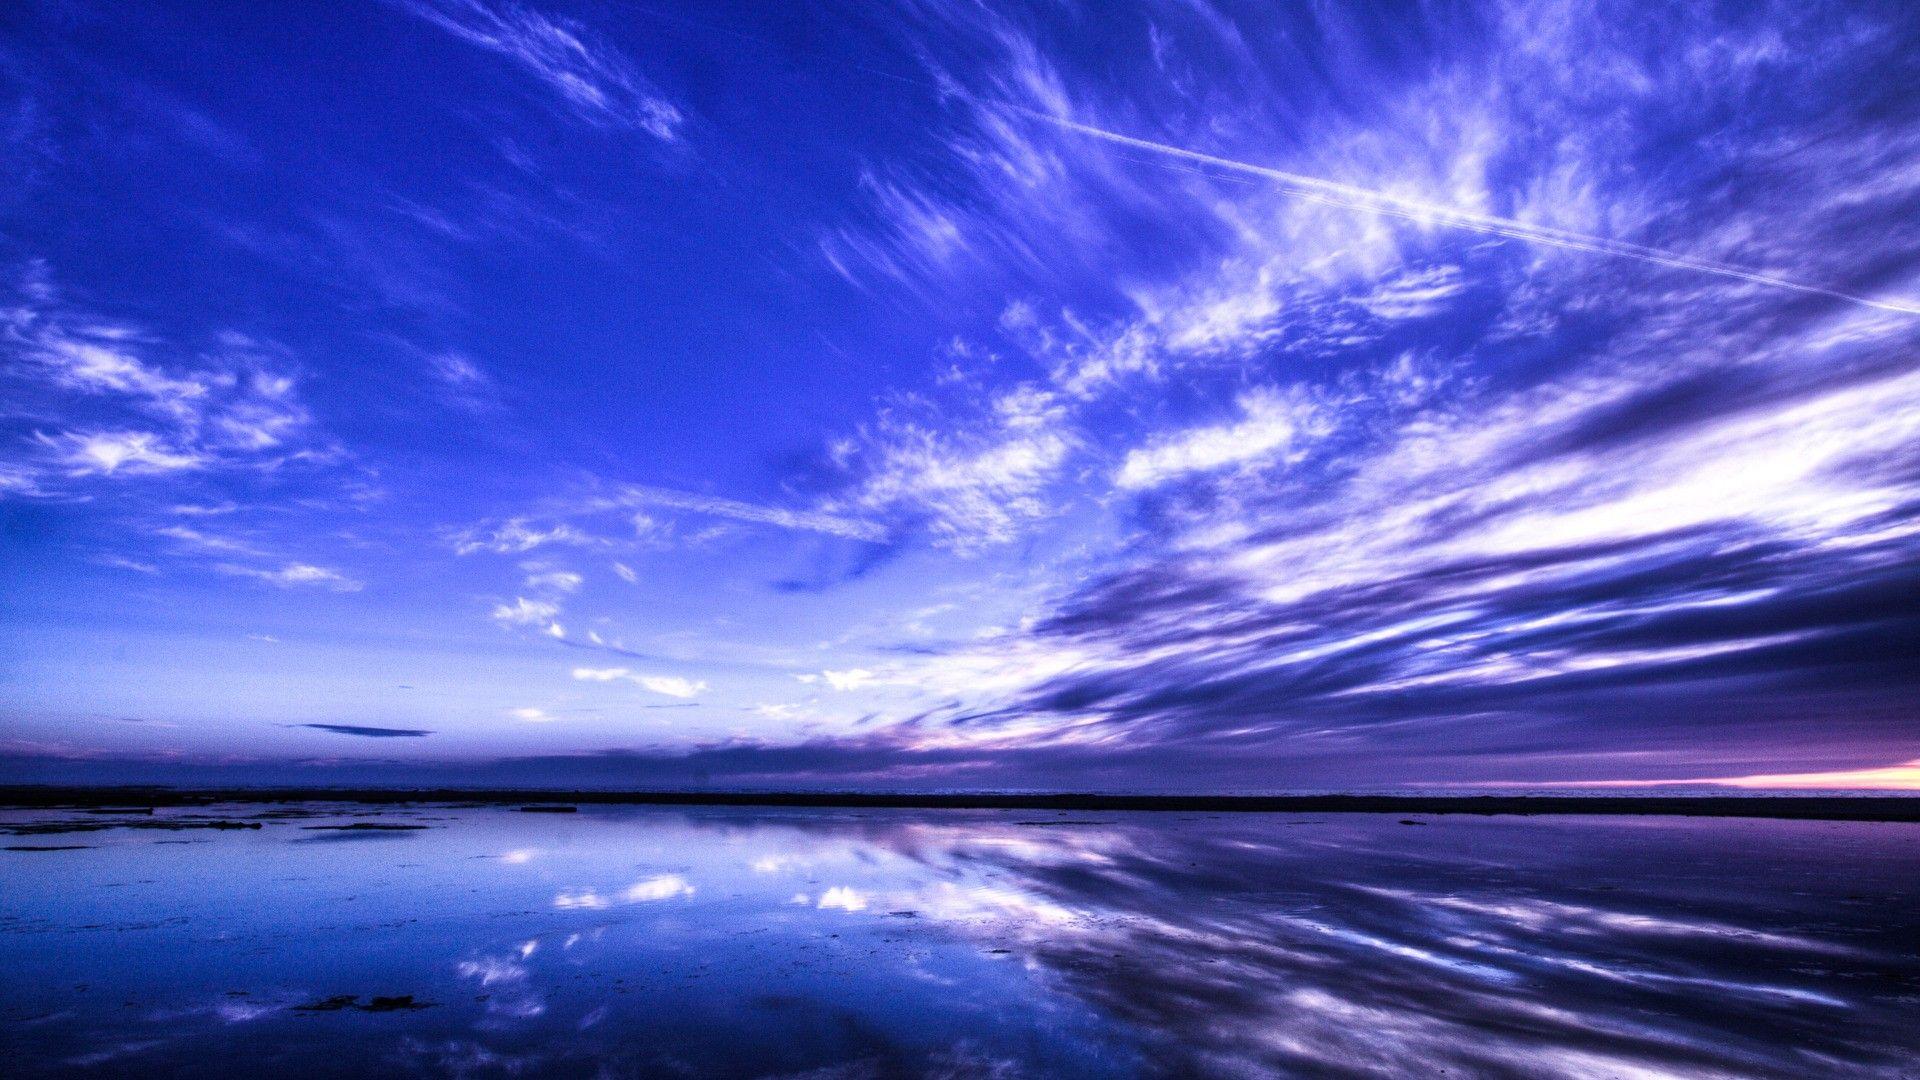 Blue Sunset Photo